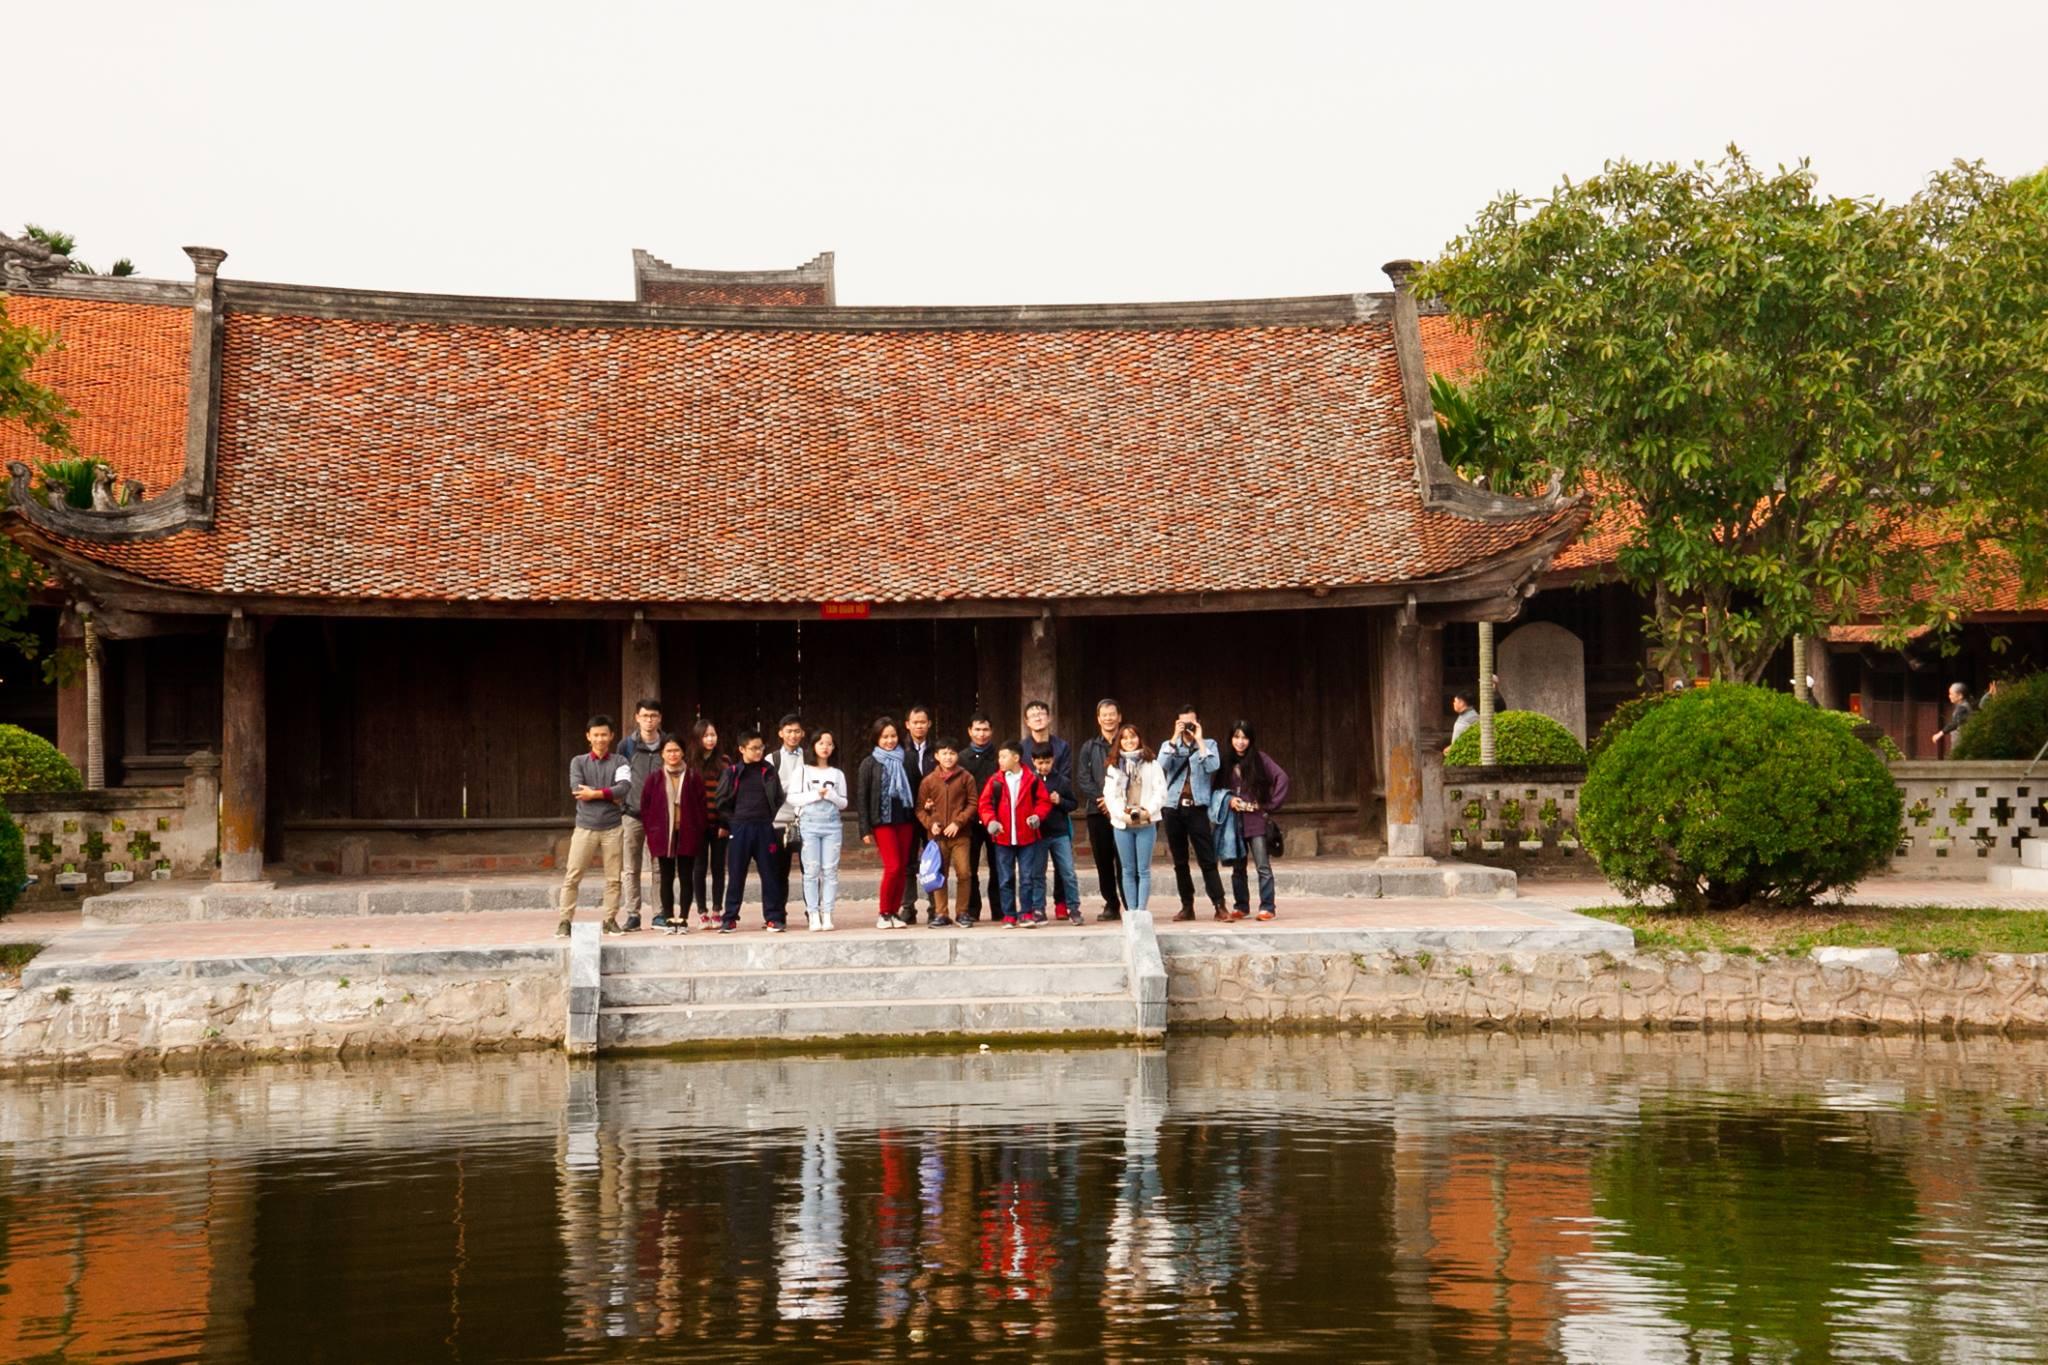 Câu lạc bộ Di sản Làng Việt với bảo tồn văn hóa truyền thống